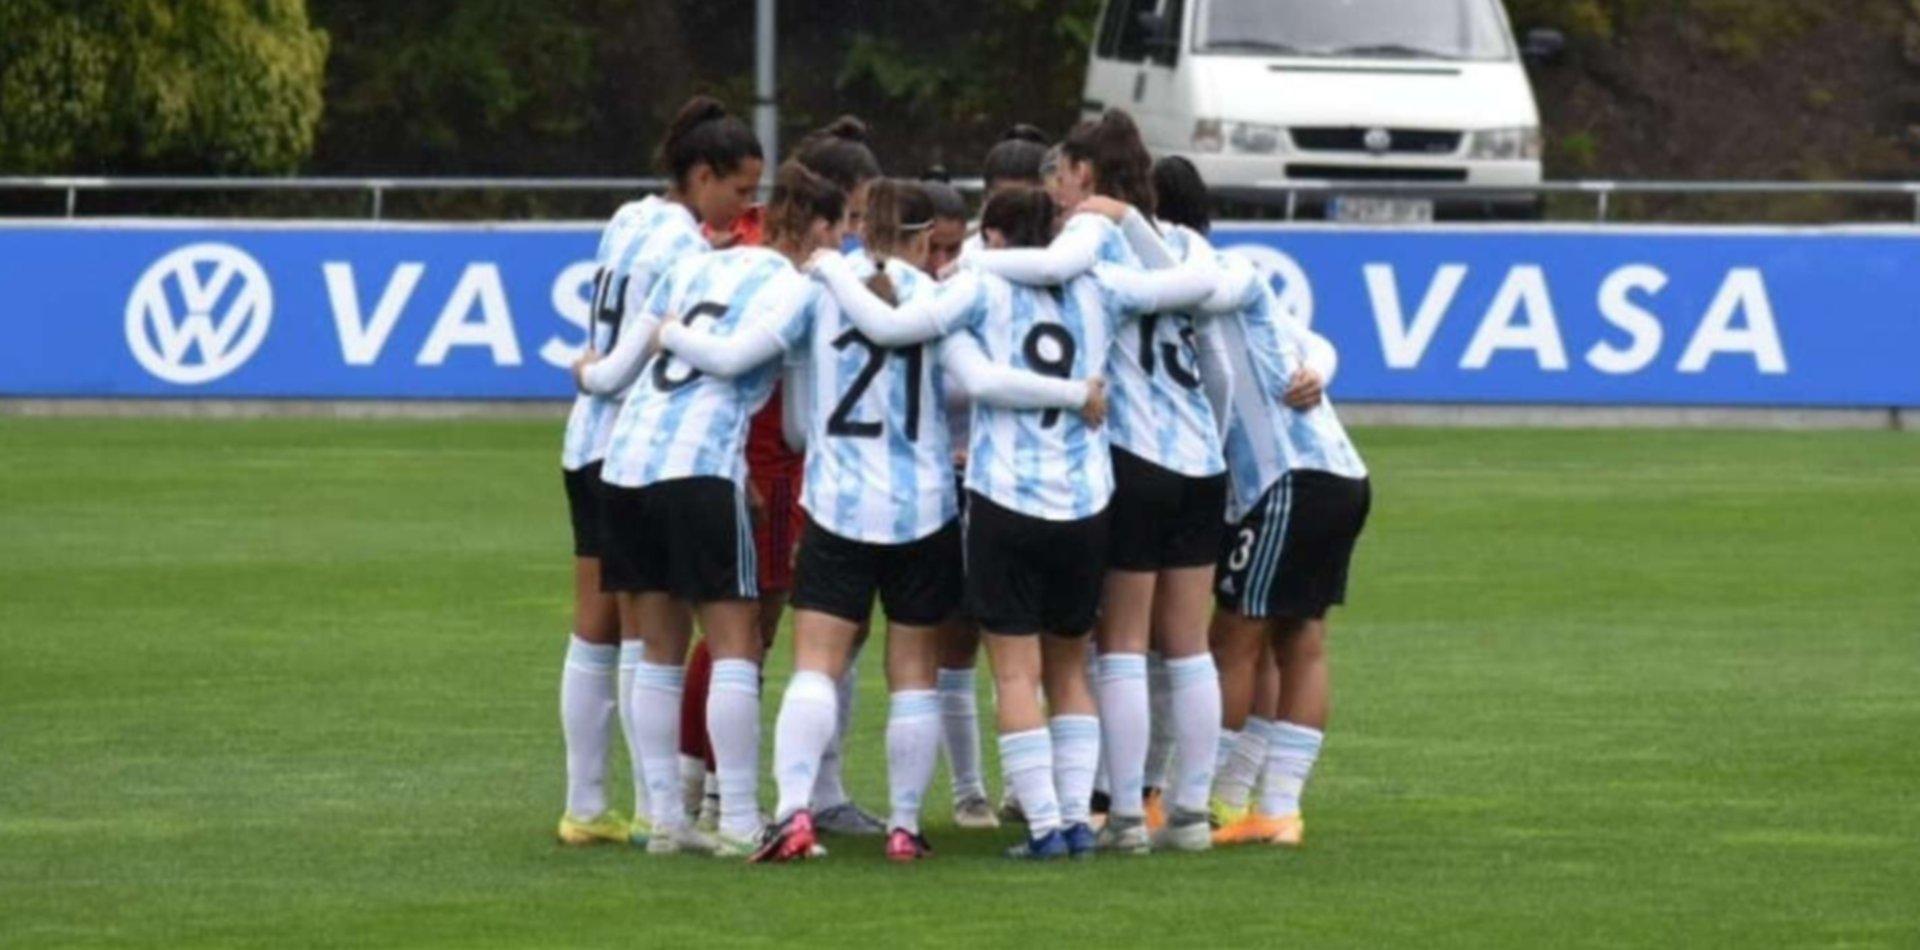 Jugadoras de fútbol argentinas denunciaron por presunto acoso sexual a un DT